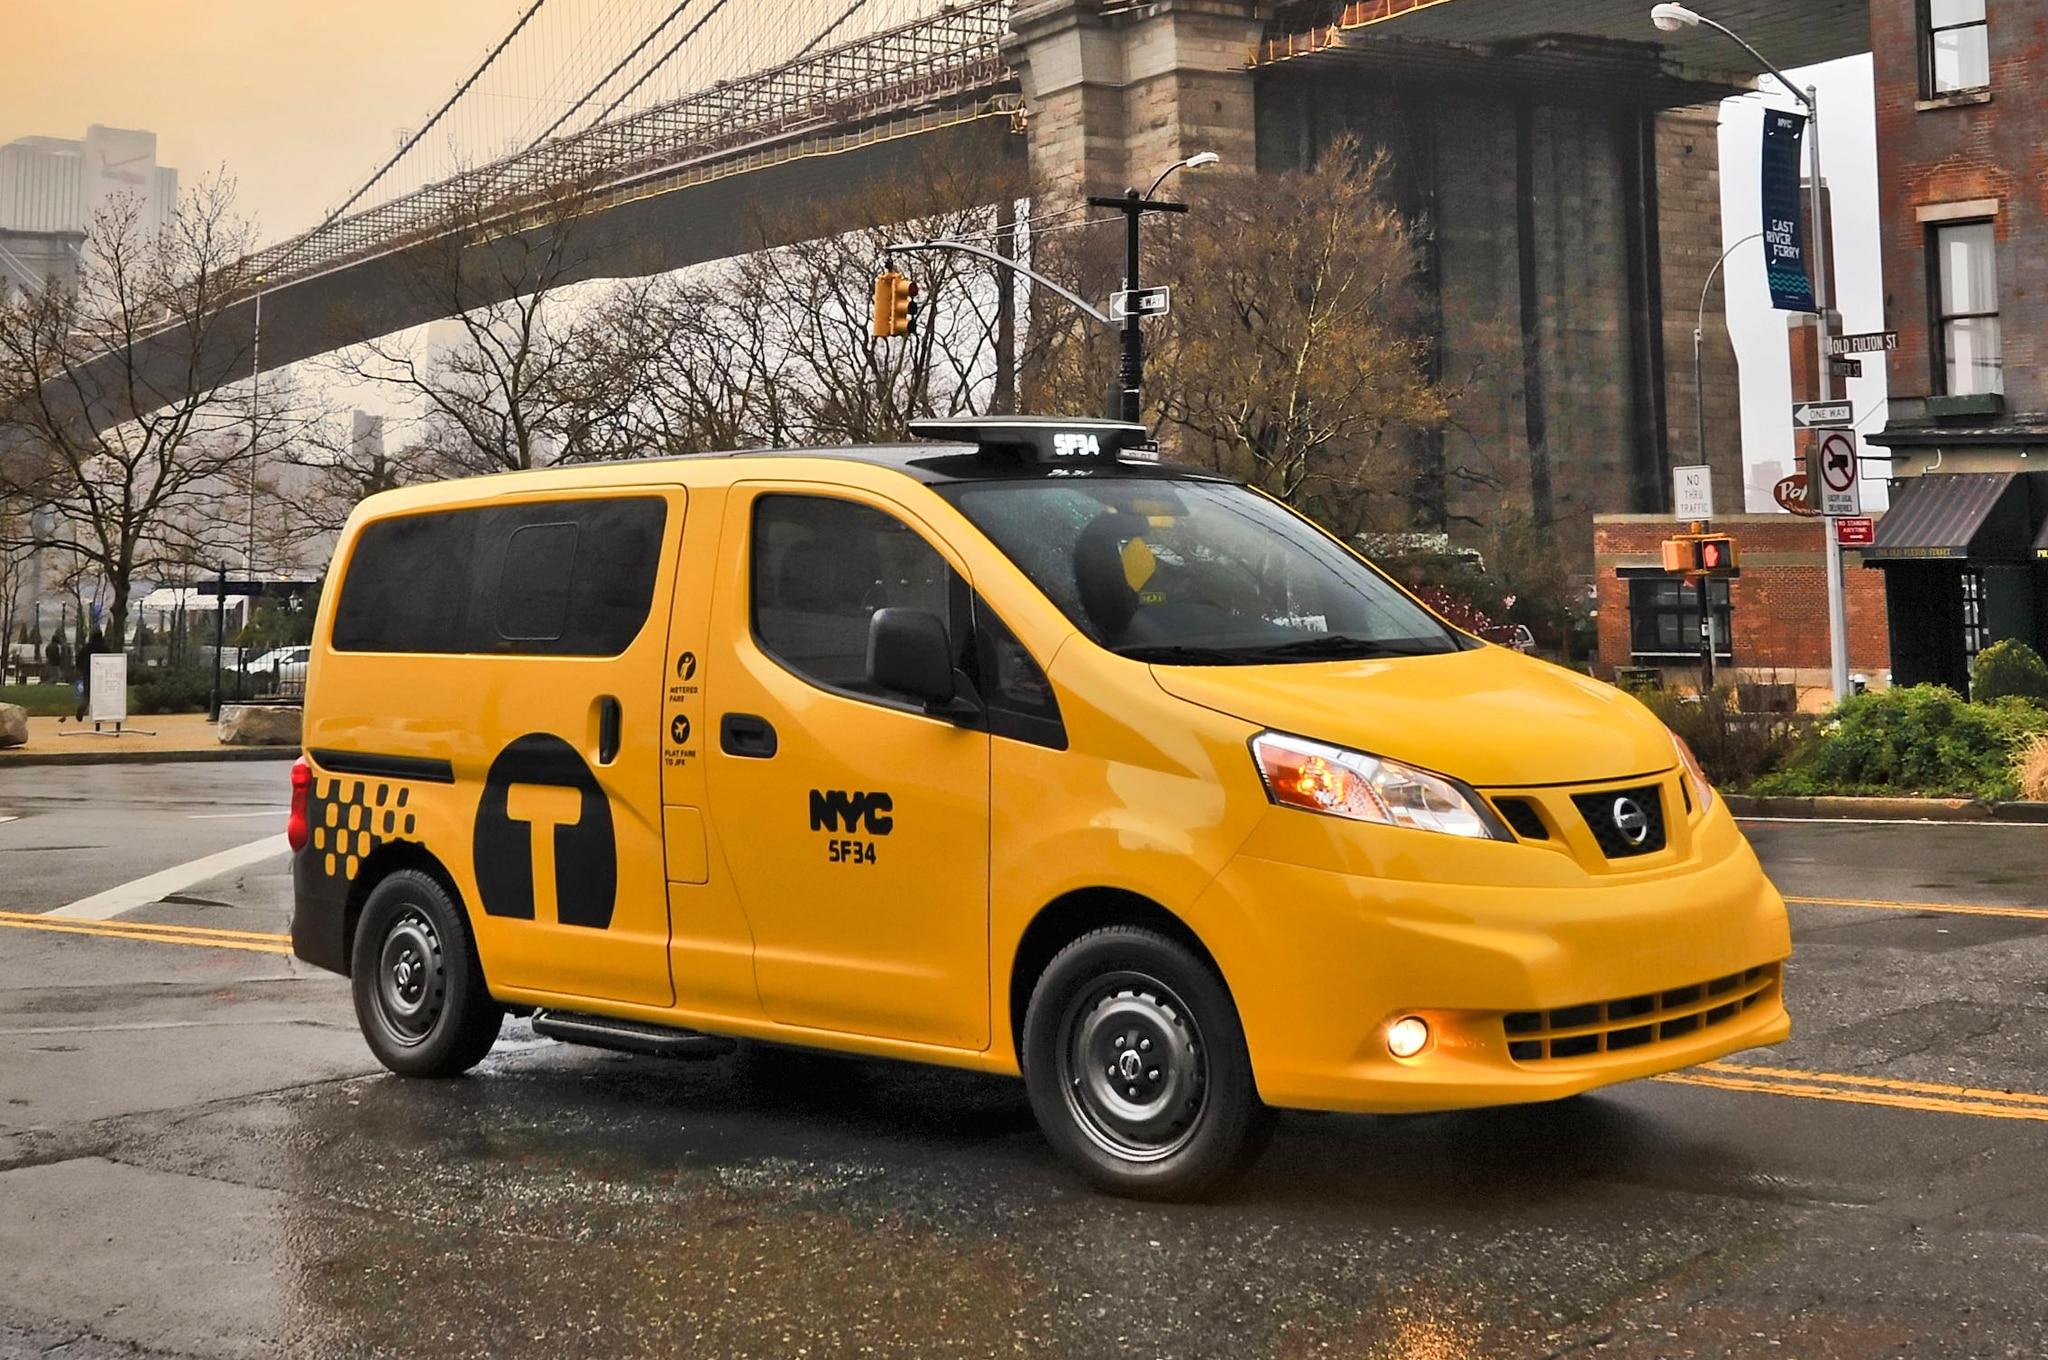 2014 Nissan NV200 Taxi Front Three Quarters Brooklyn Bridge1